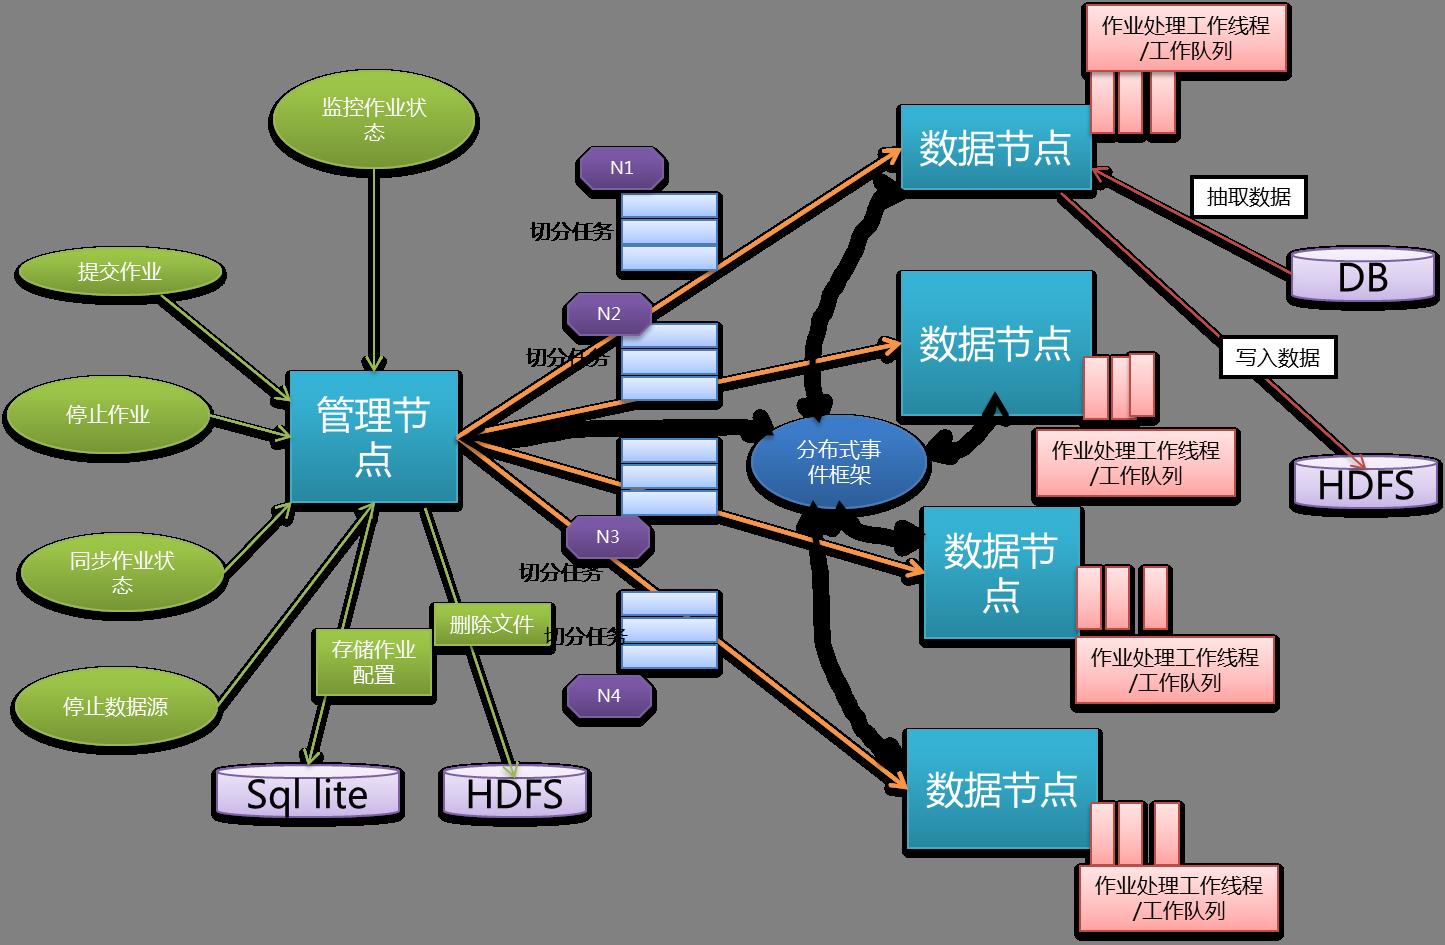 数据中心设计拓扑图